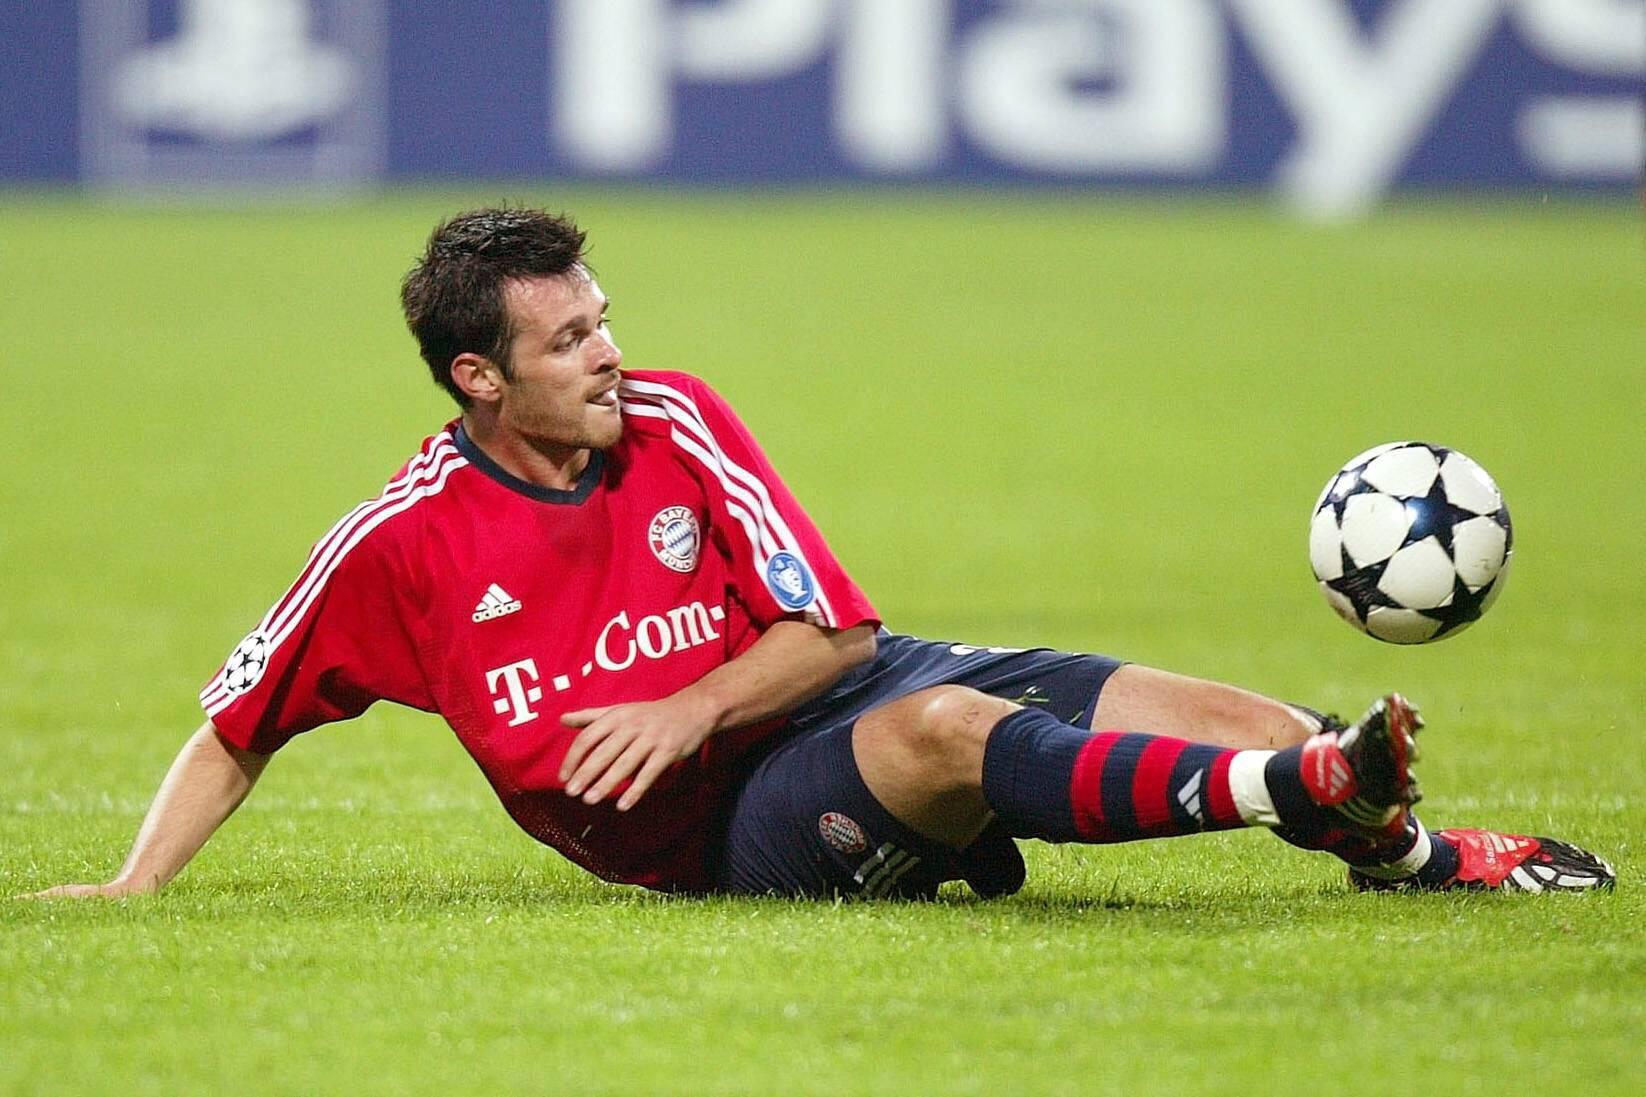 Bild zu Willy Sagnol, FC Bayern München, Champions League, Olympiastadion, 2003/04